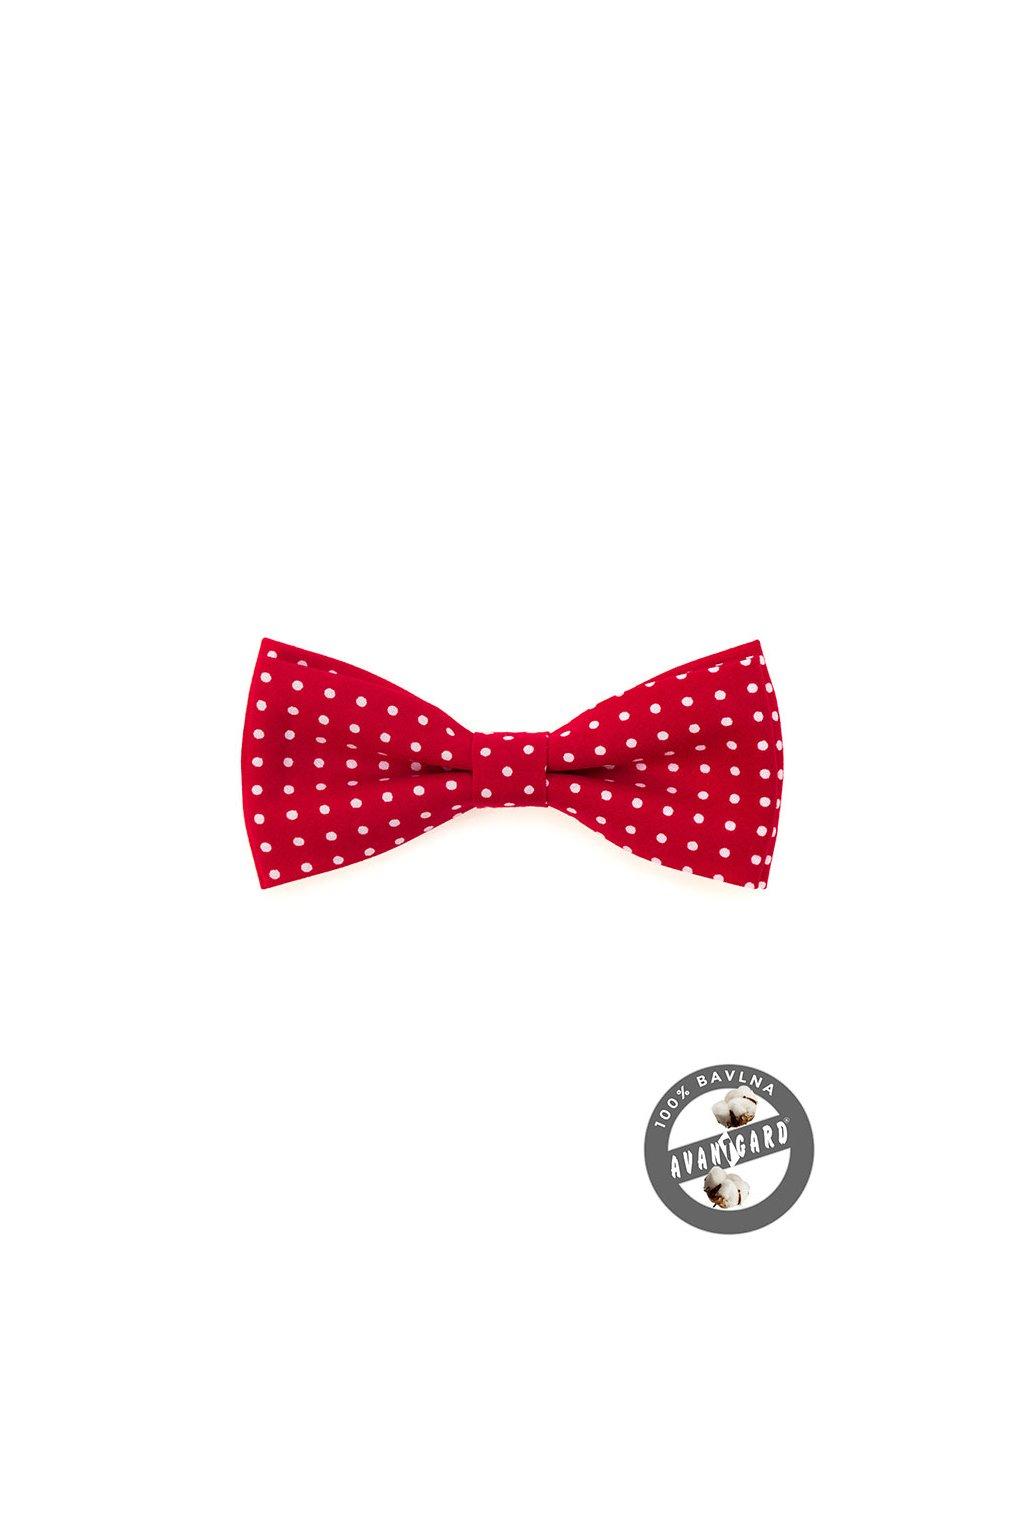 Motýlek PREMIUM bavlněný , 600-5140, Červená s bílým puntíkem